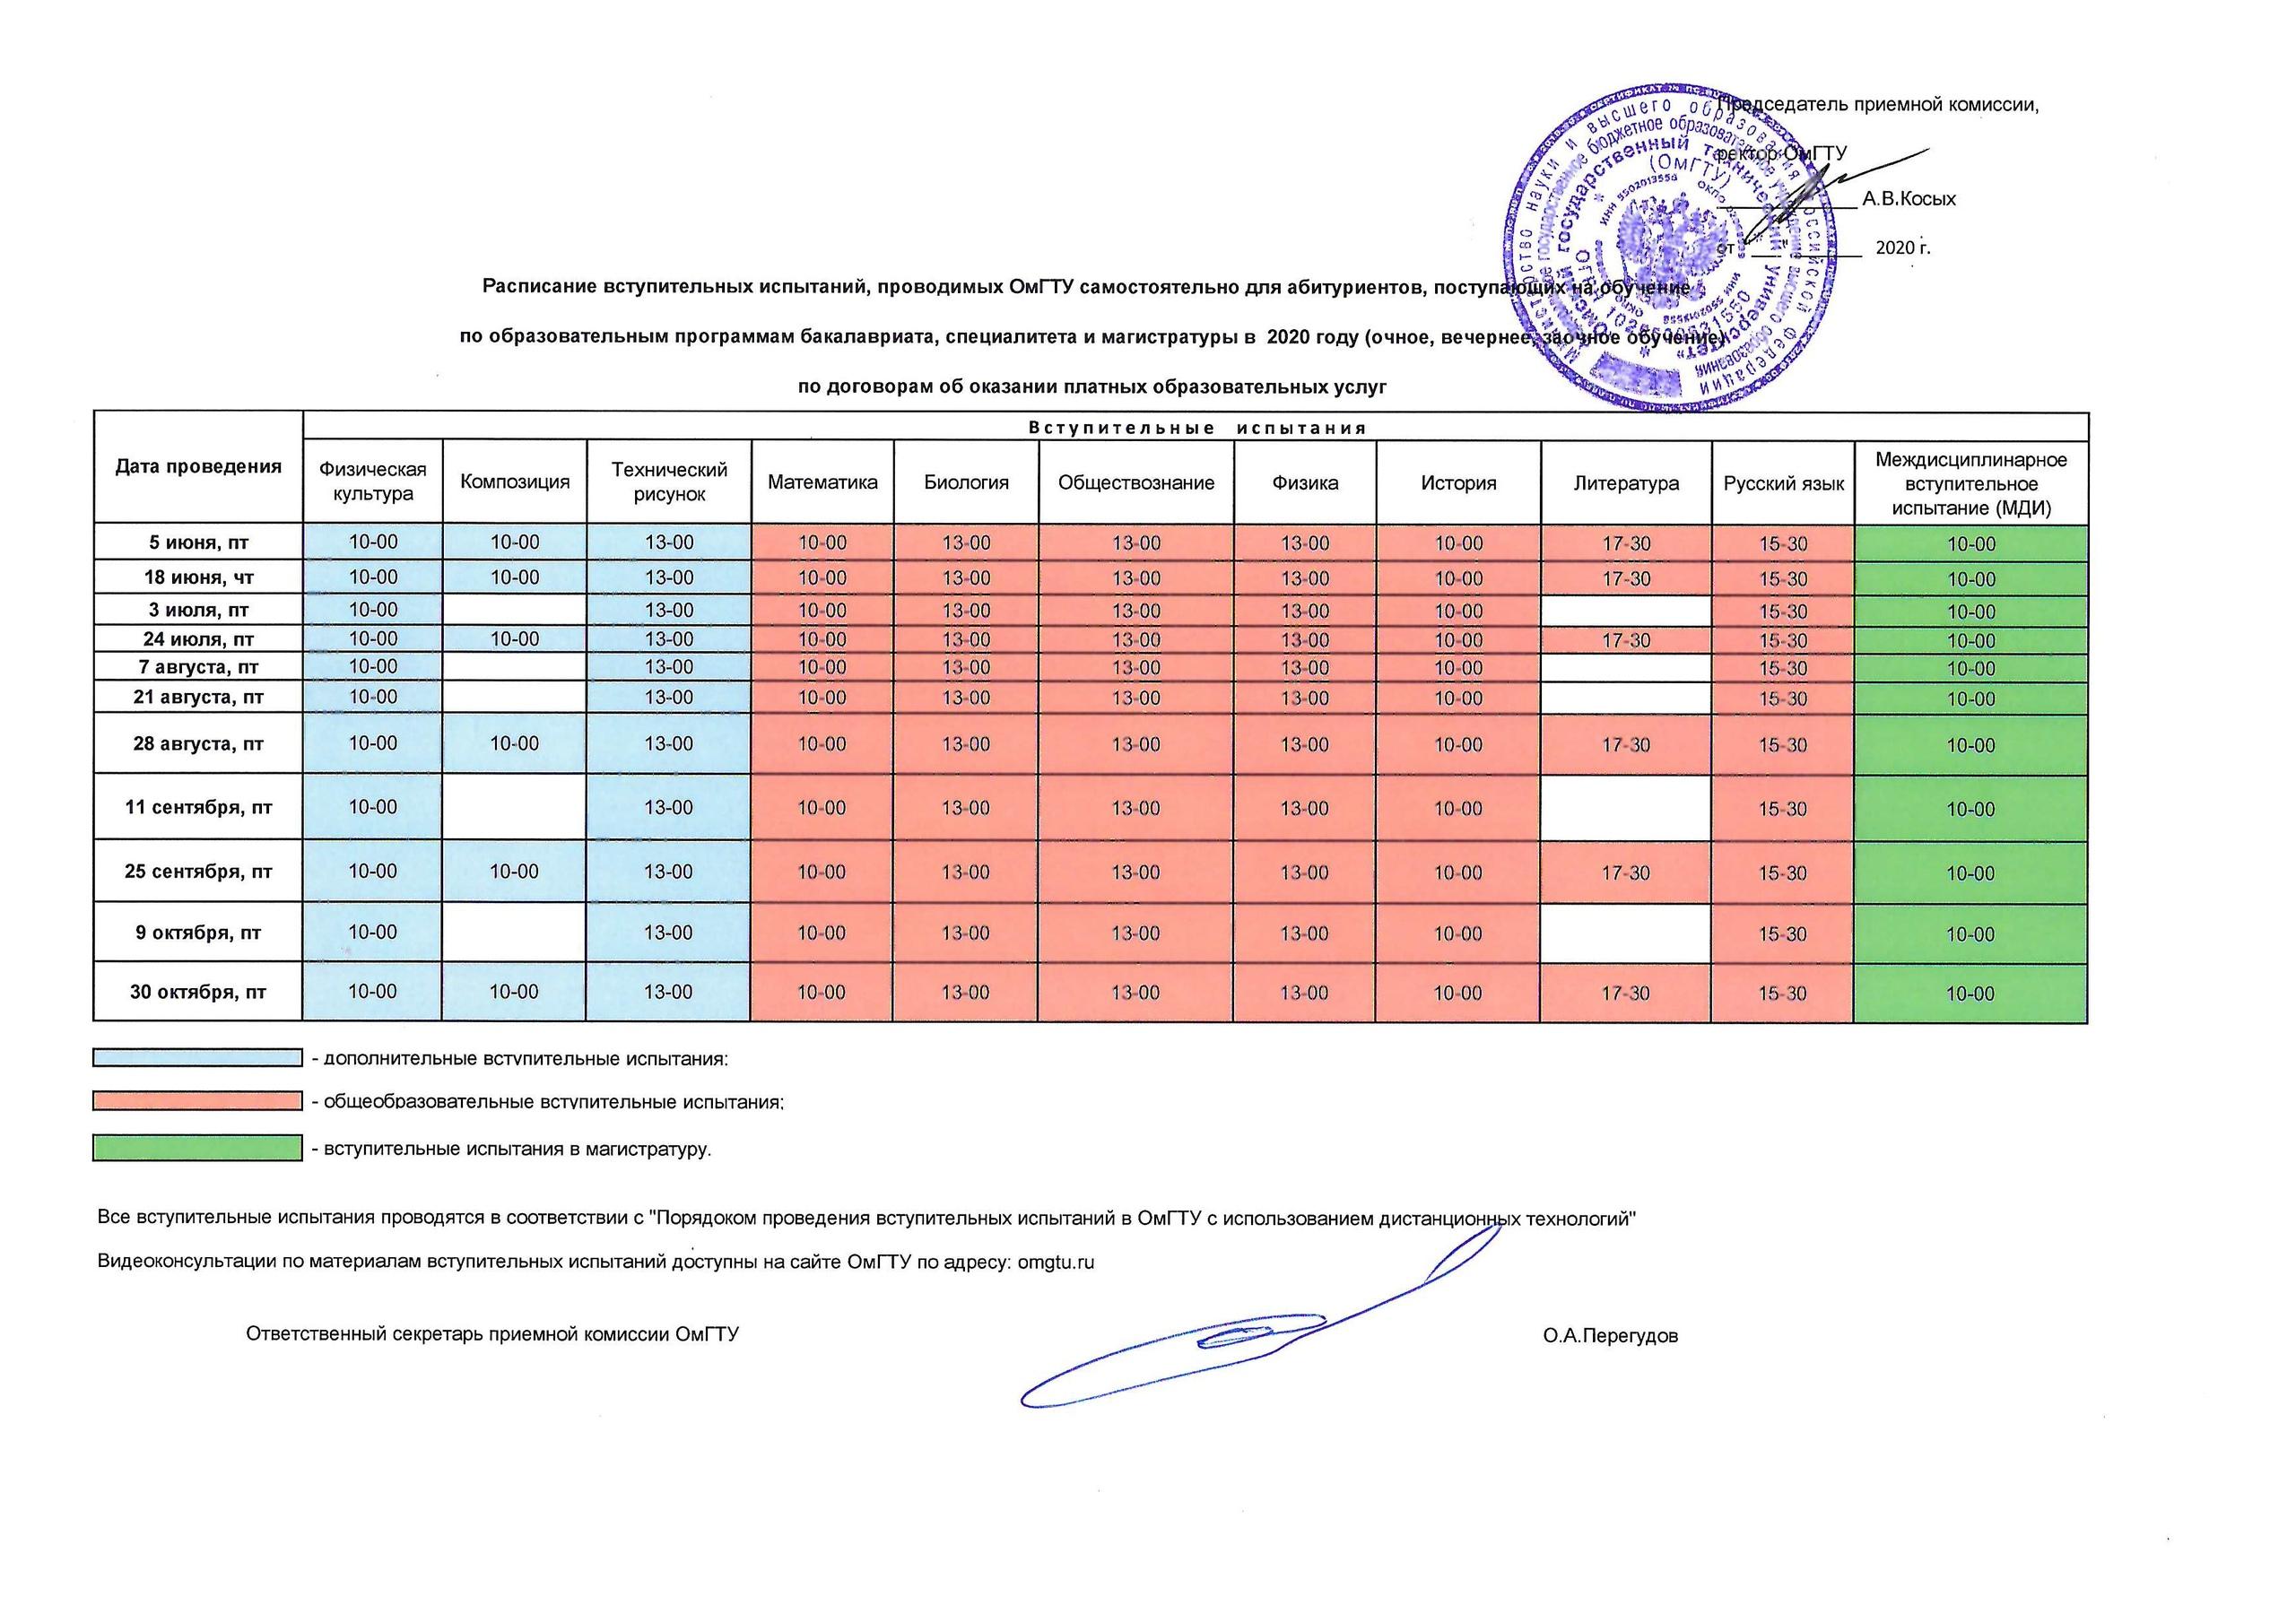 расписание вступительных экзаменов омгту 2020 для поступающих на коммерческие места